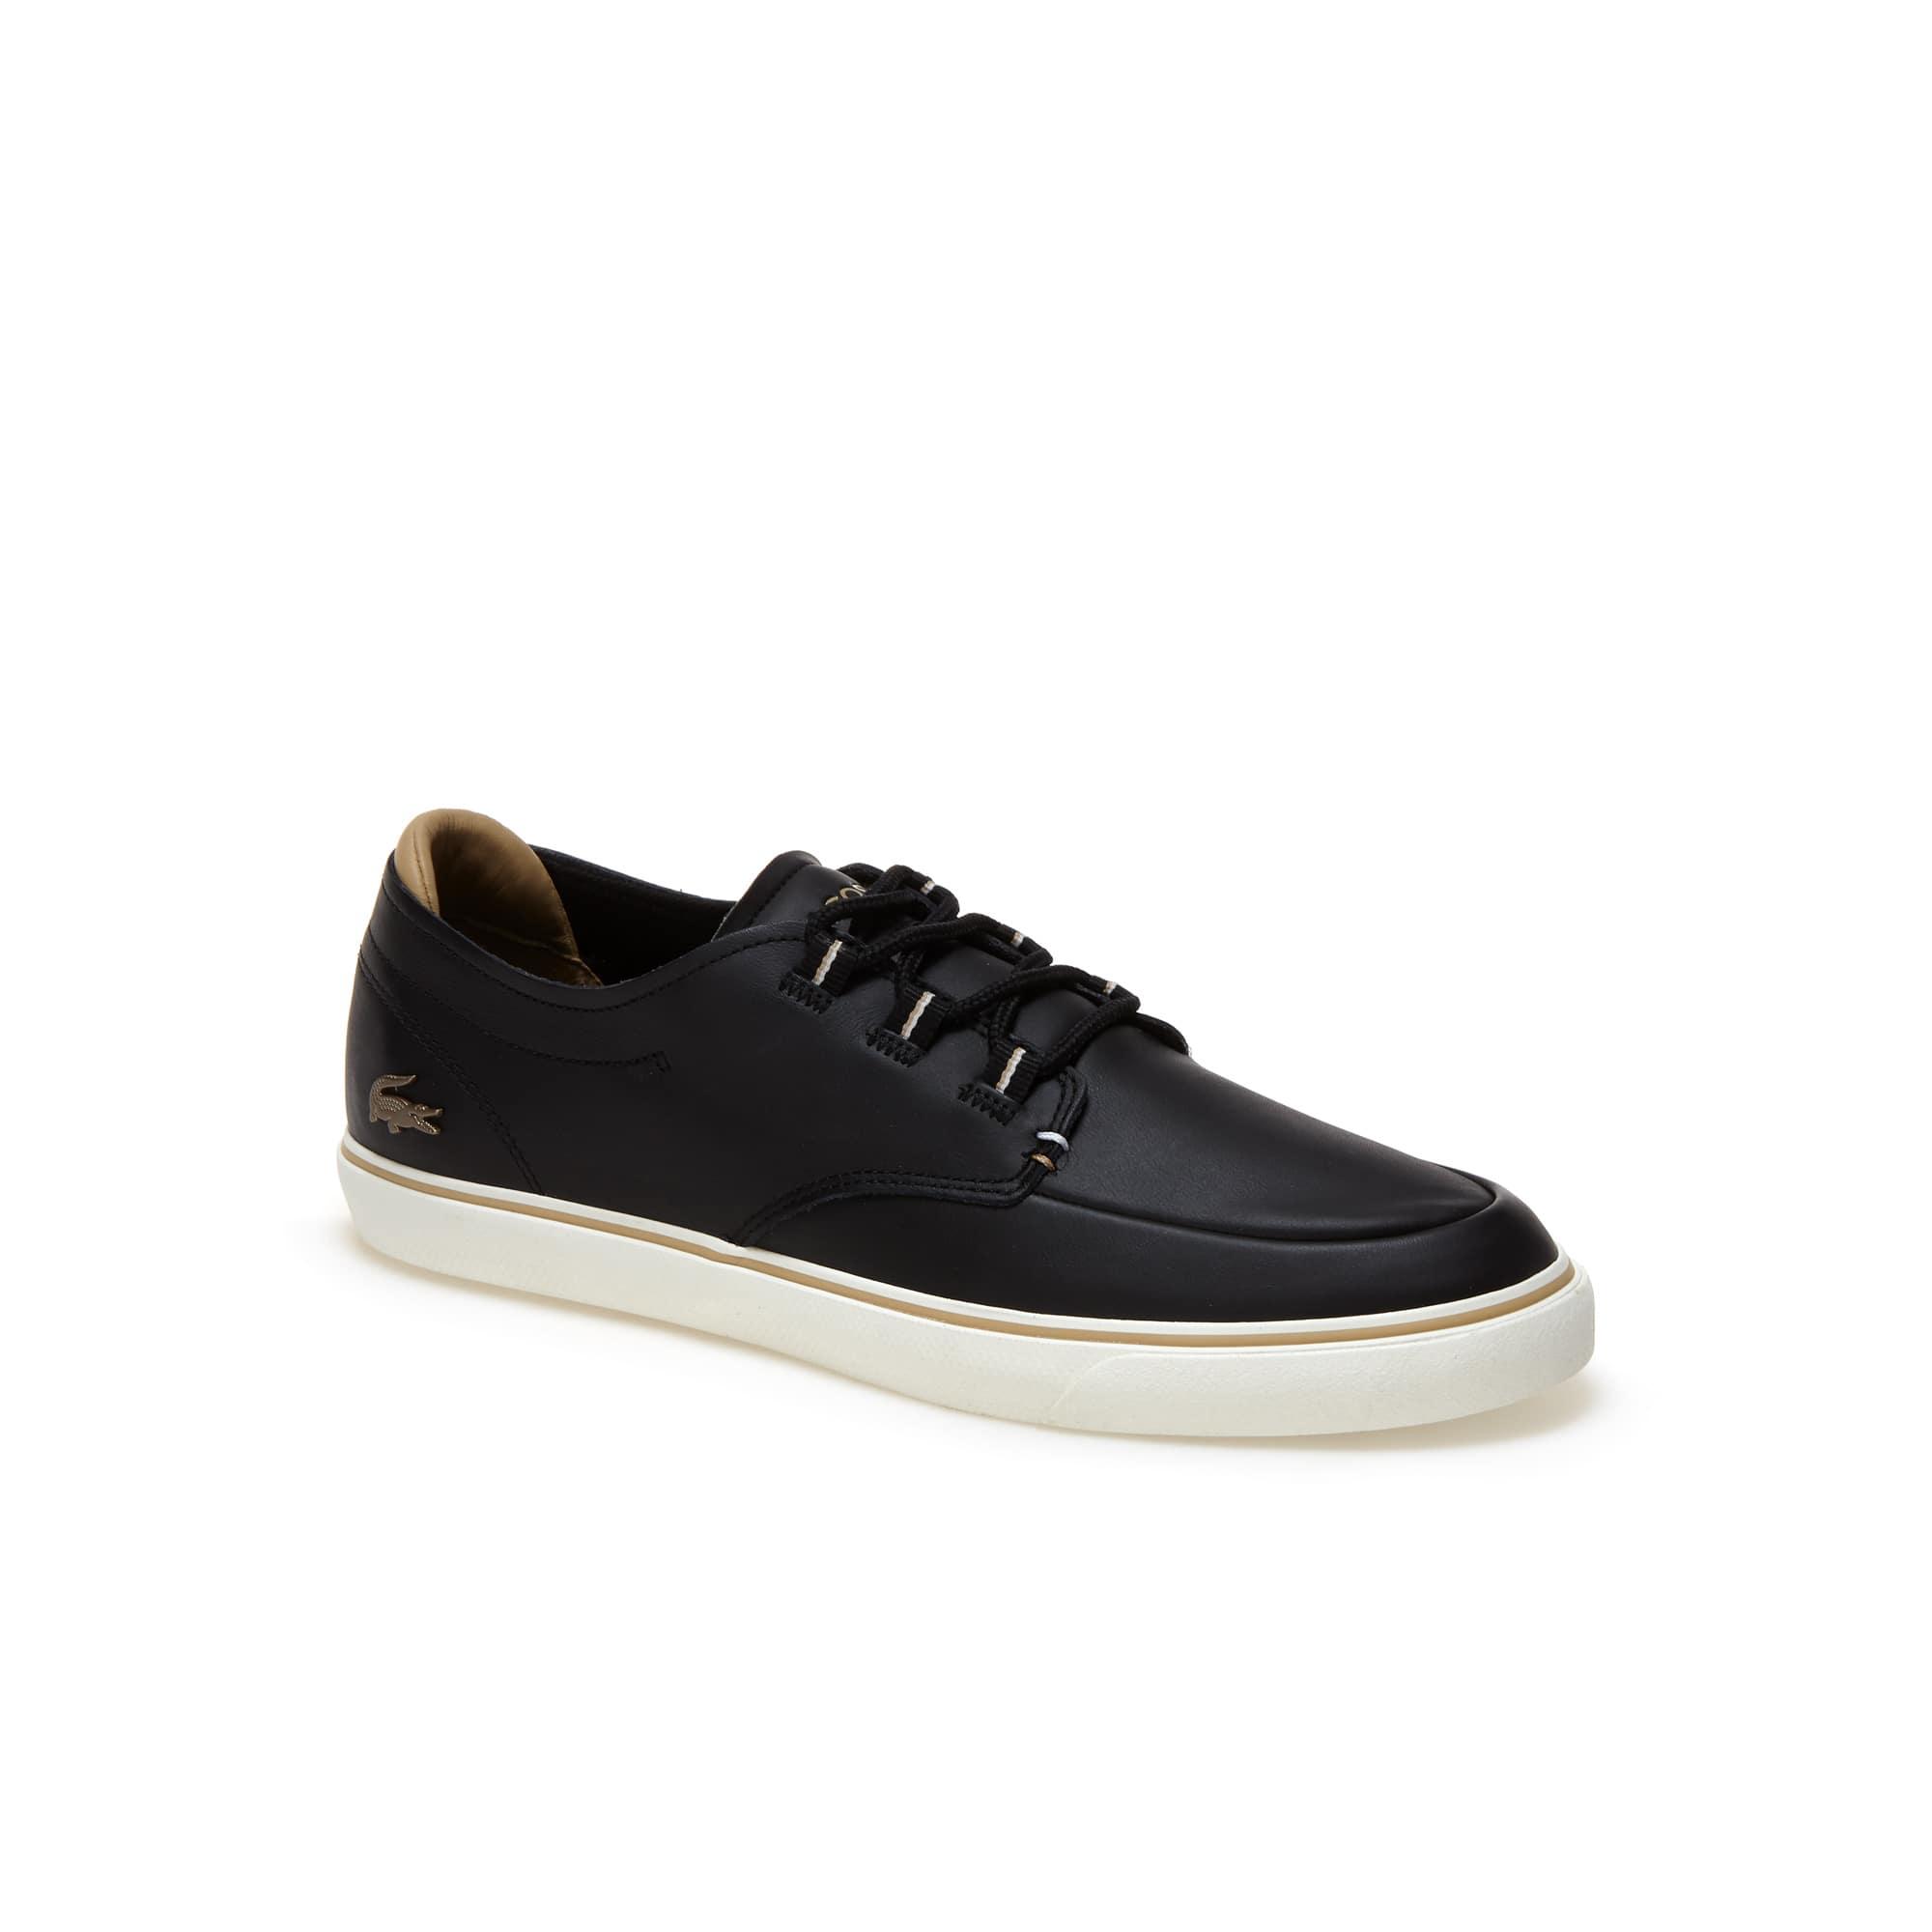 Herren-Sneakers ESPARRE DECK aus Leder